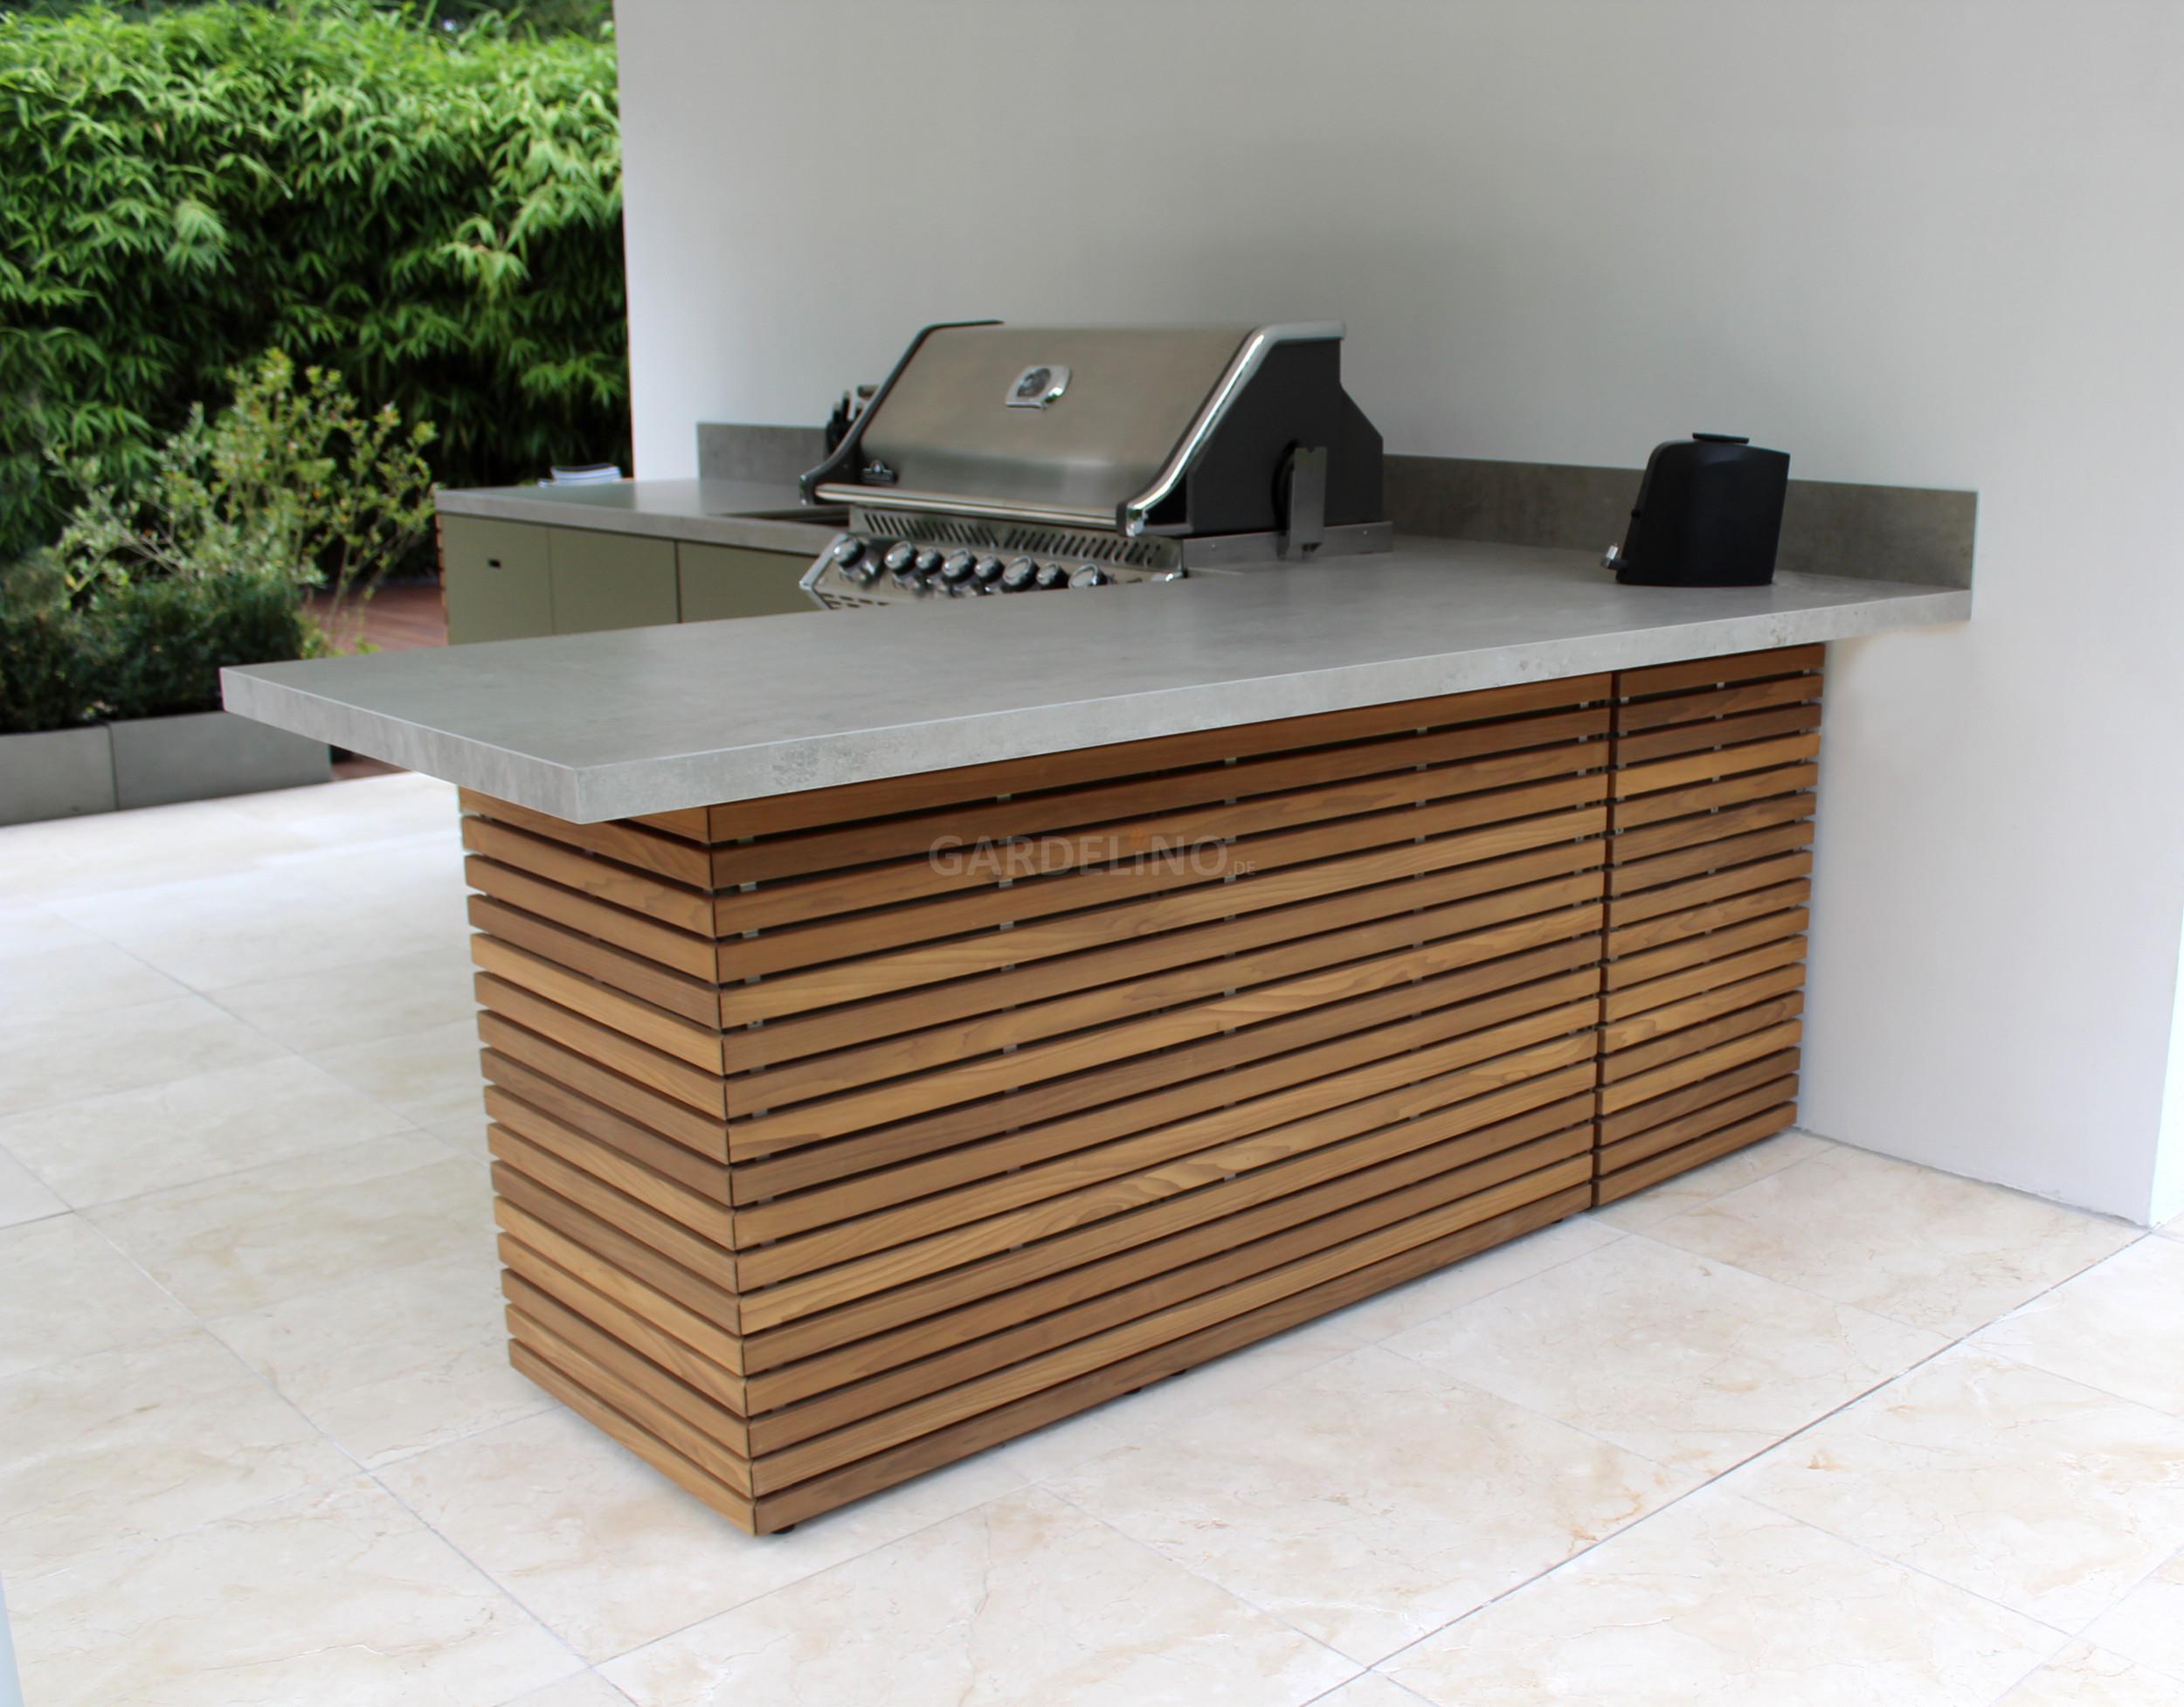 Outdoor Küche Reihenhaus : Exklusive outdoor küchen ikea küche euro spritzschutz